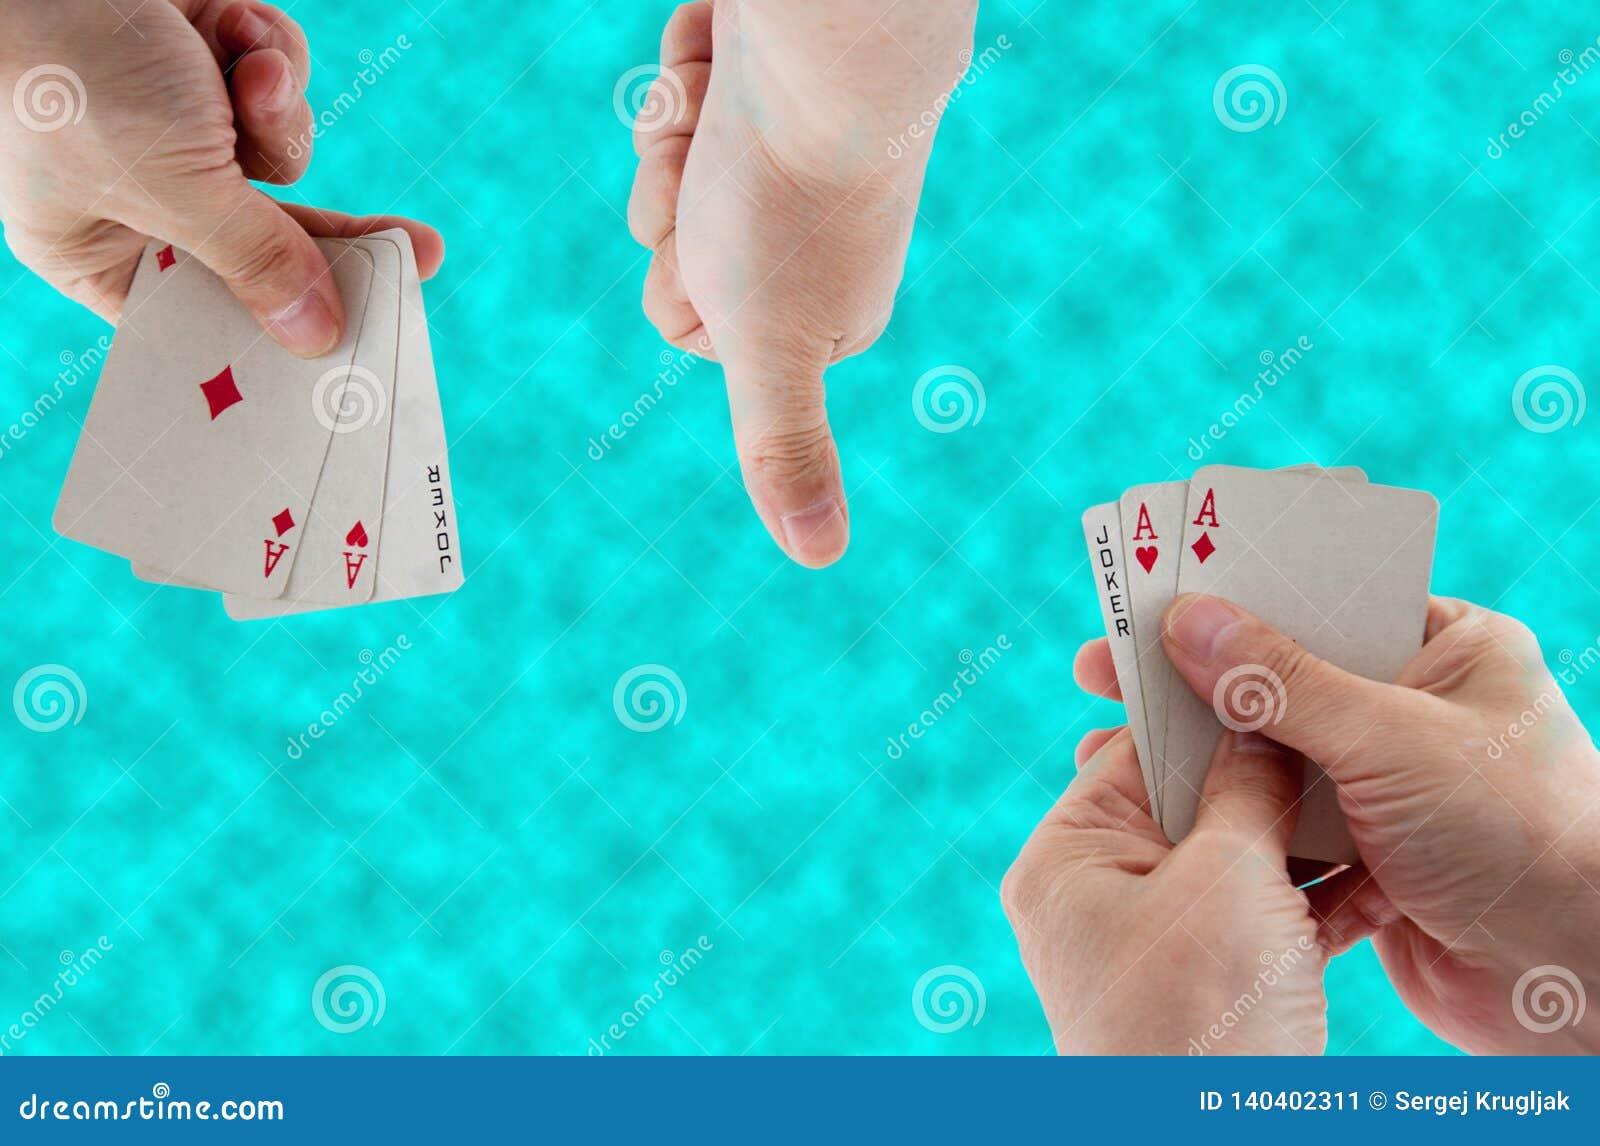 Carte da gioco a disposizione sui precedenti di acqua